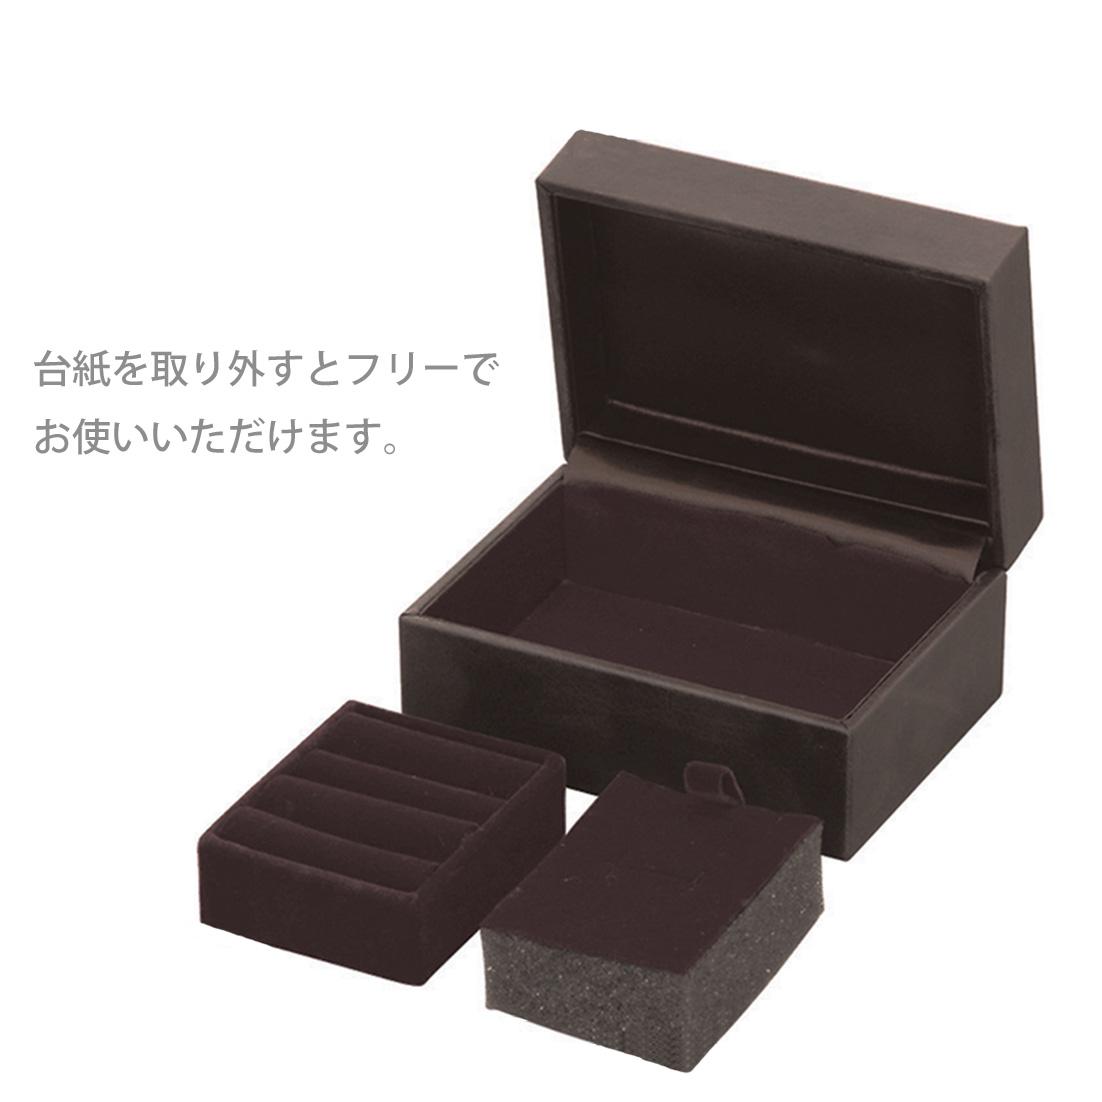 CB-791J ジュエリーボックス(12個入) 1個あたり¥840